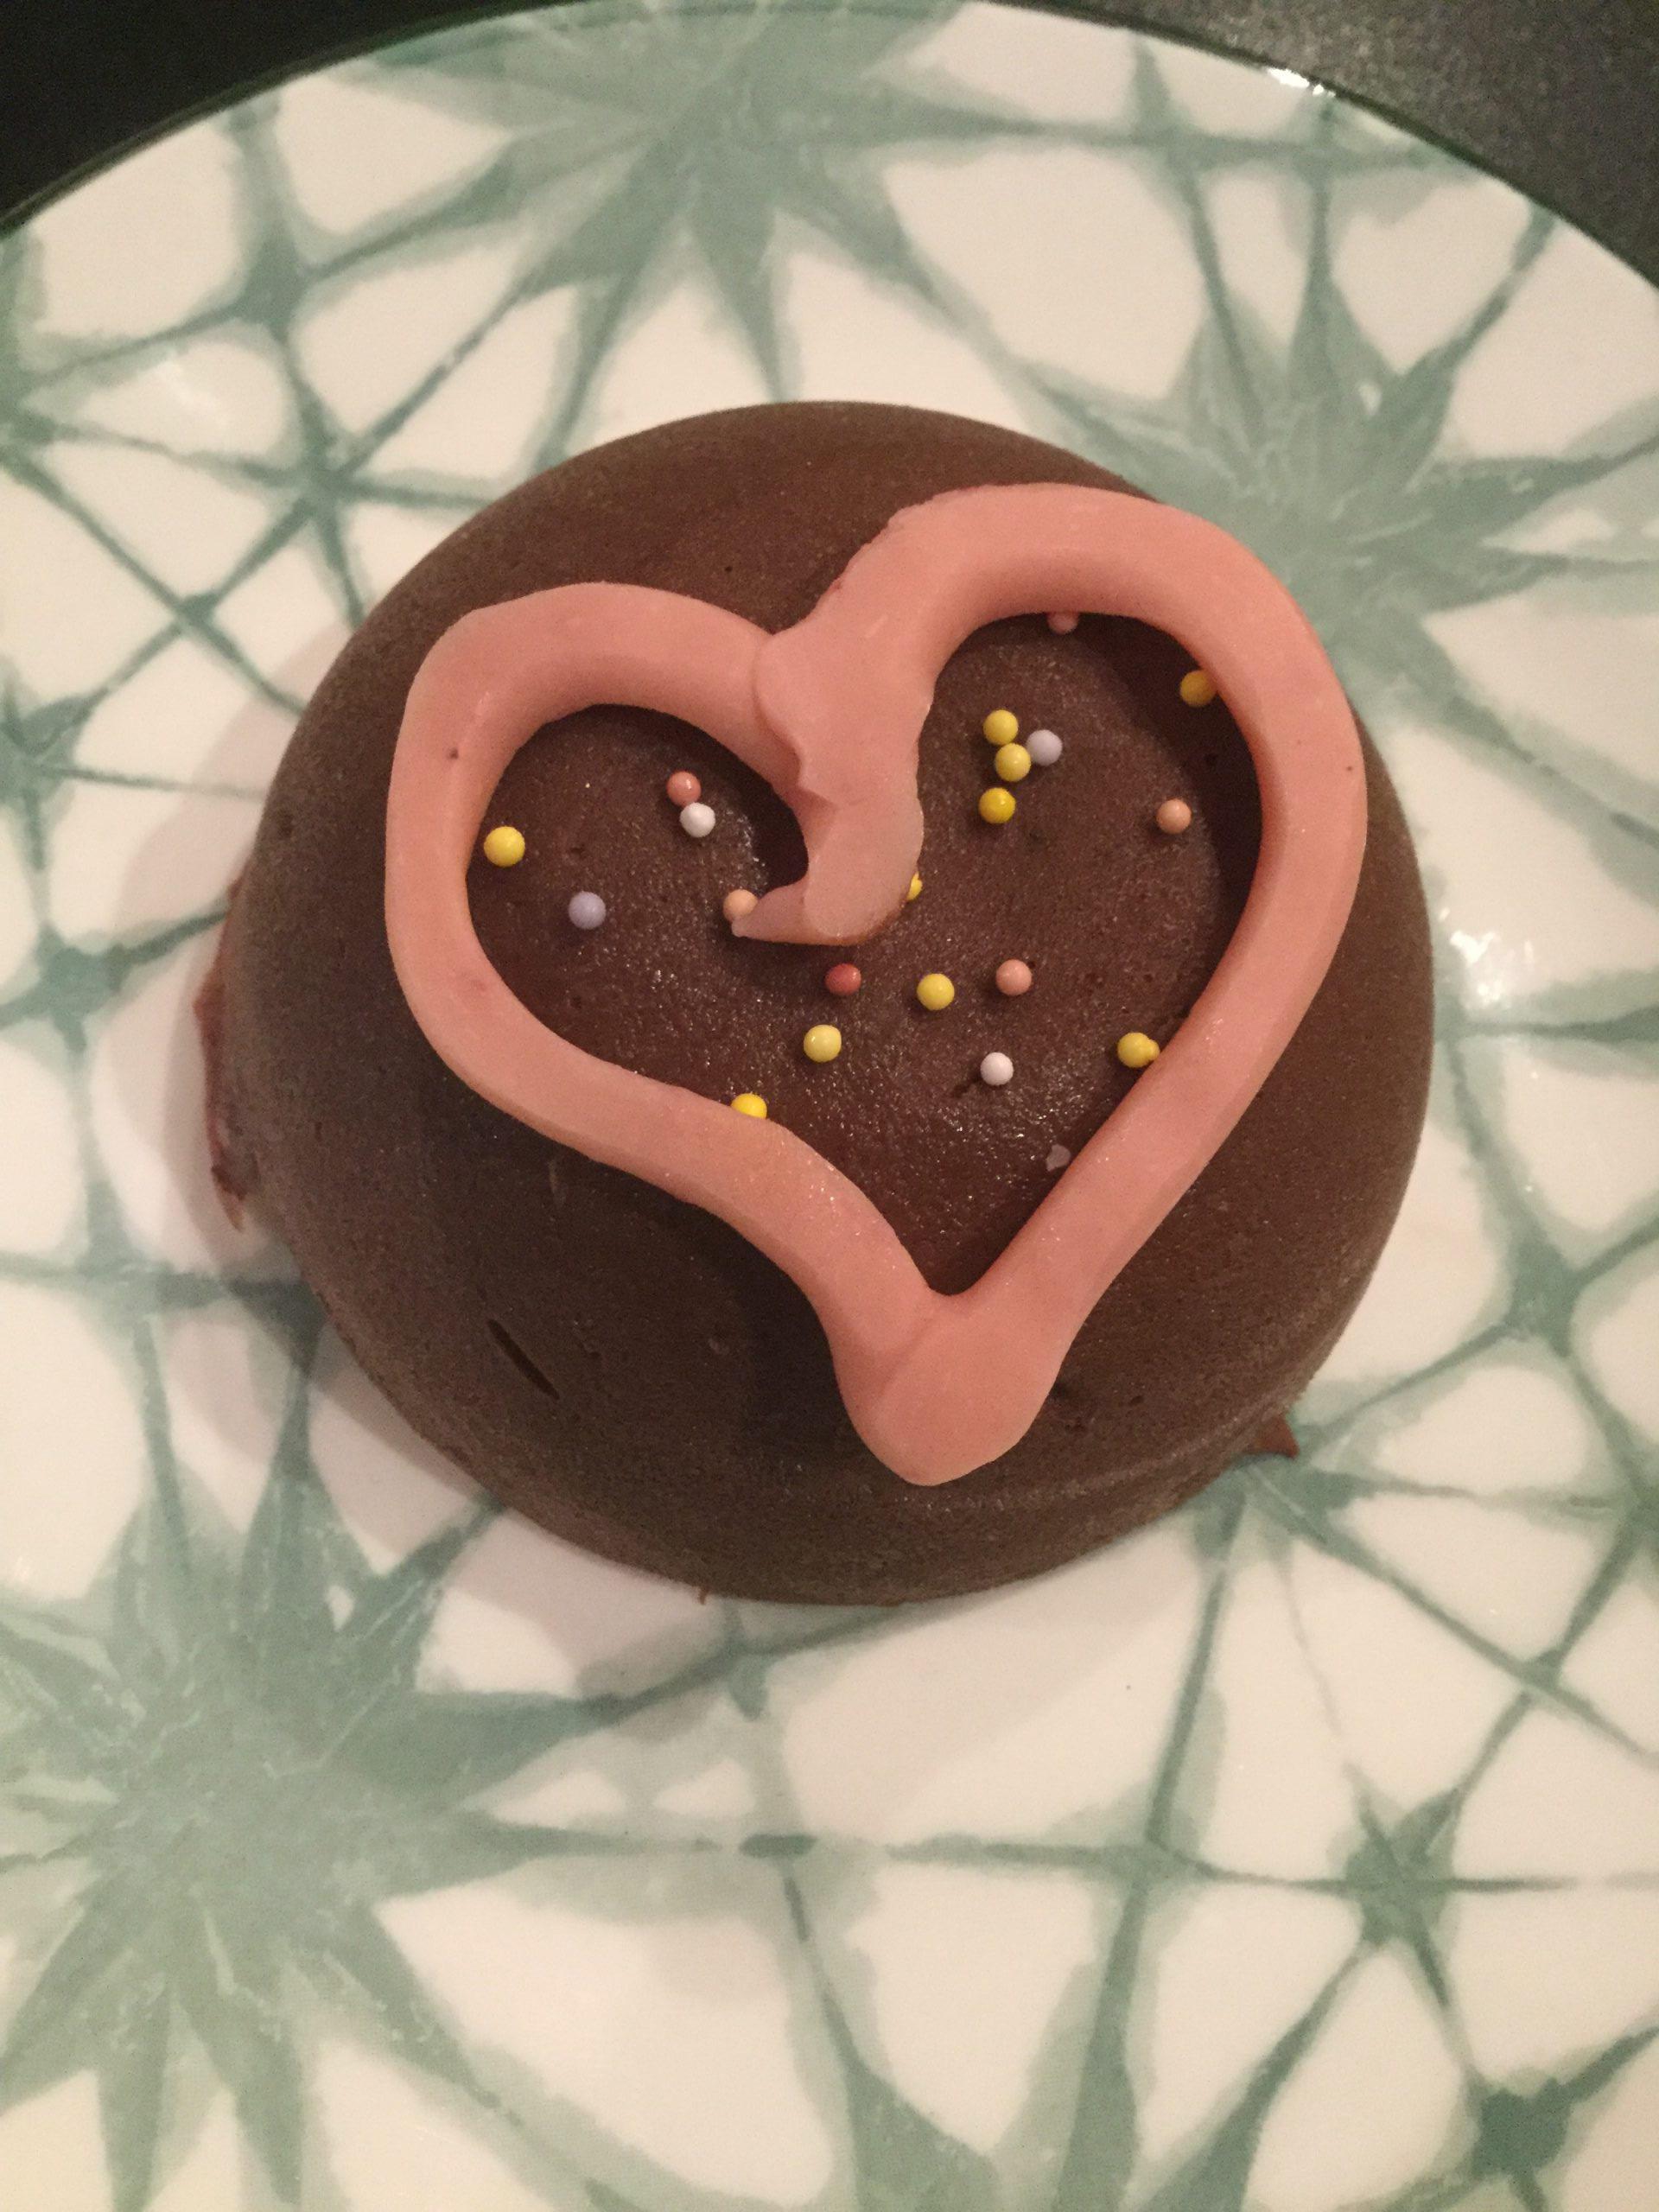 Fondant chocolat marron dans moules sphère et cœur chocolat blanc